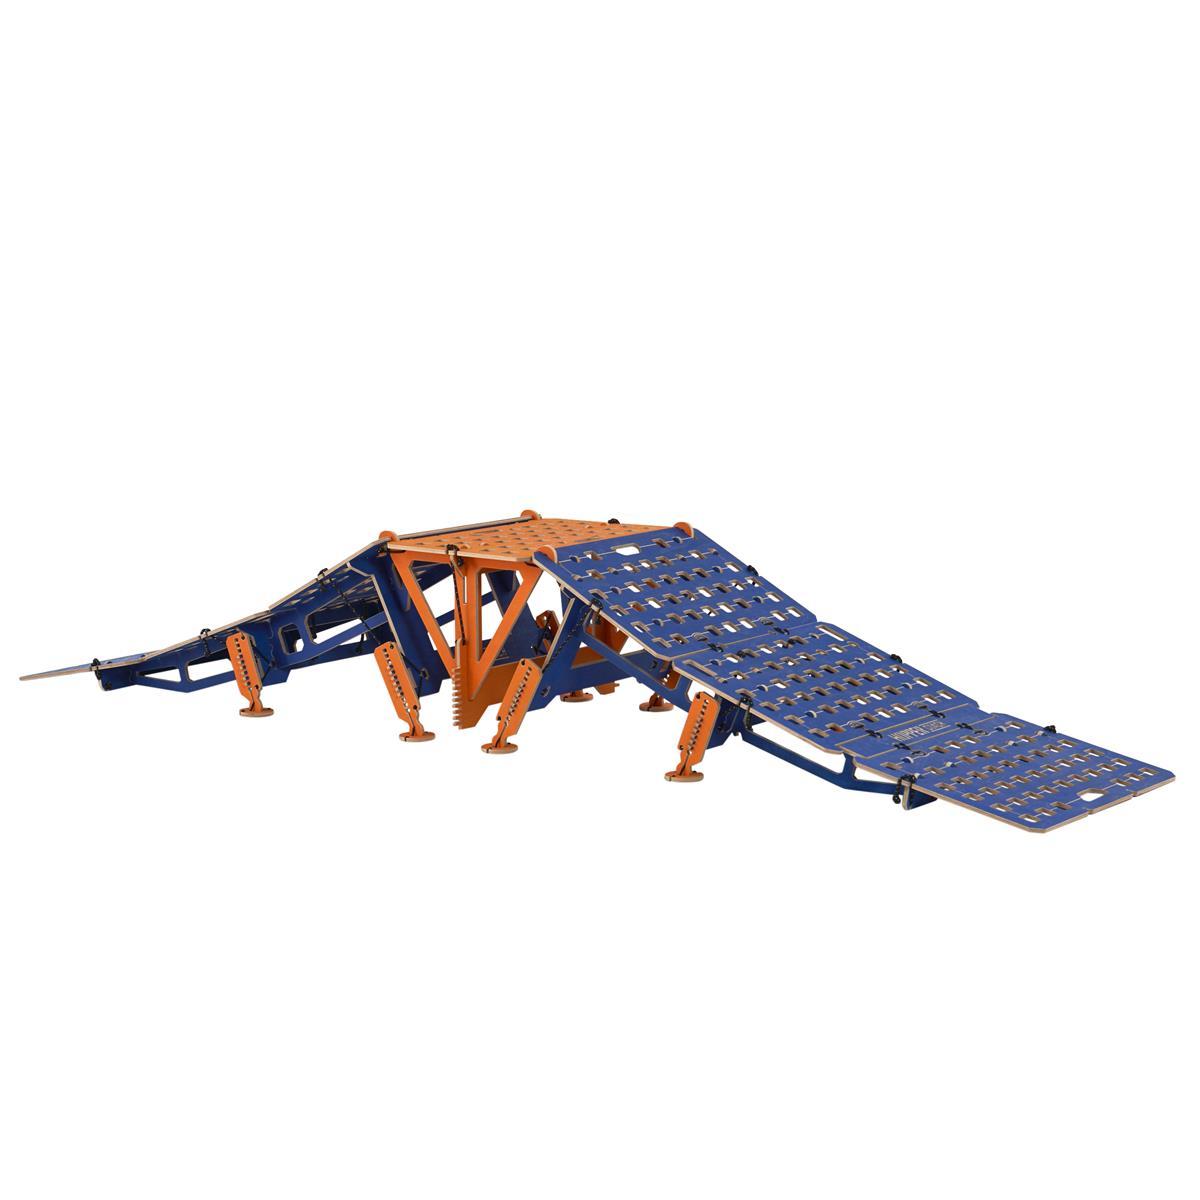 MTB Hopper Rampe Coach Portabel, Holz, 3-Teilig: 2 Rampen + Table